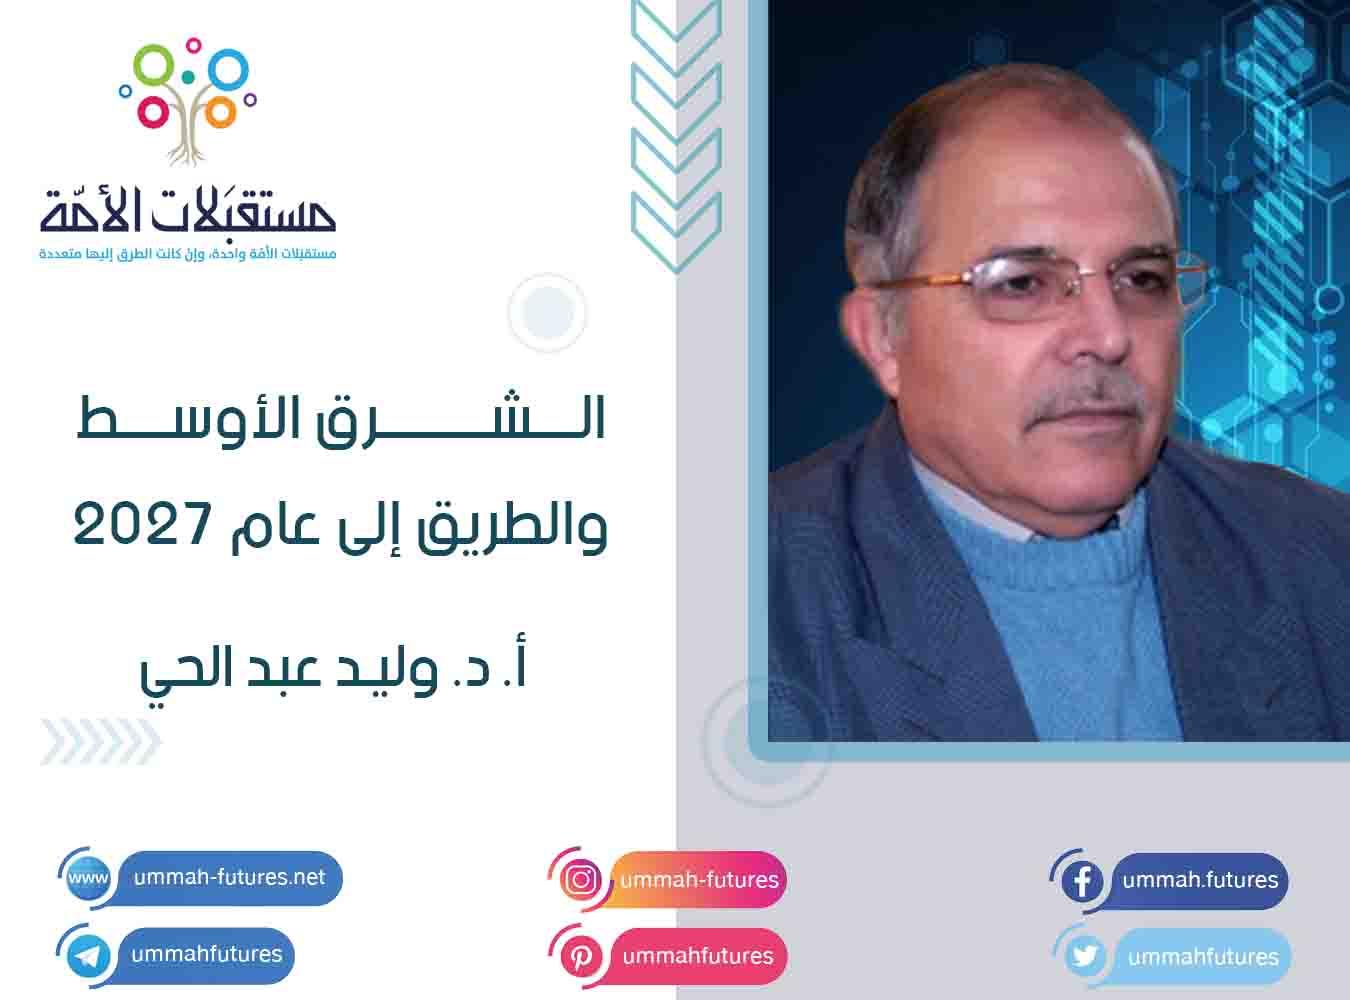 الشرق الأوسط والطريق إلى عام 2027 | أ. د. وليد عبد الحي